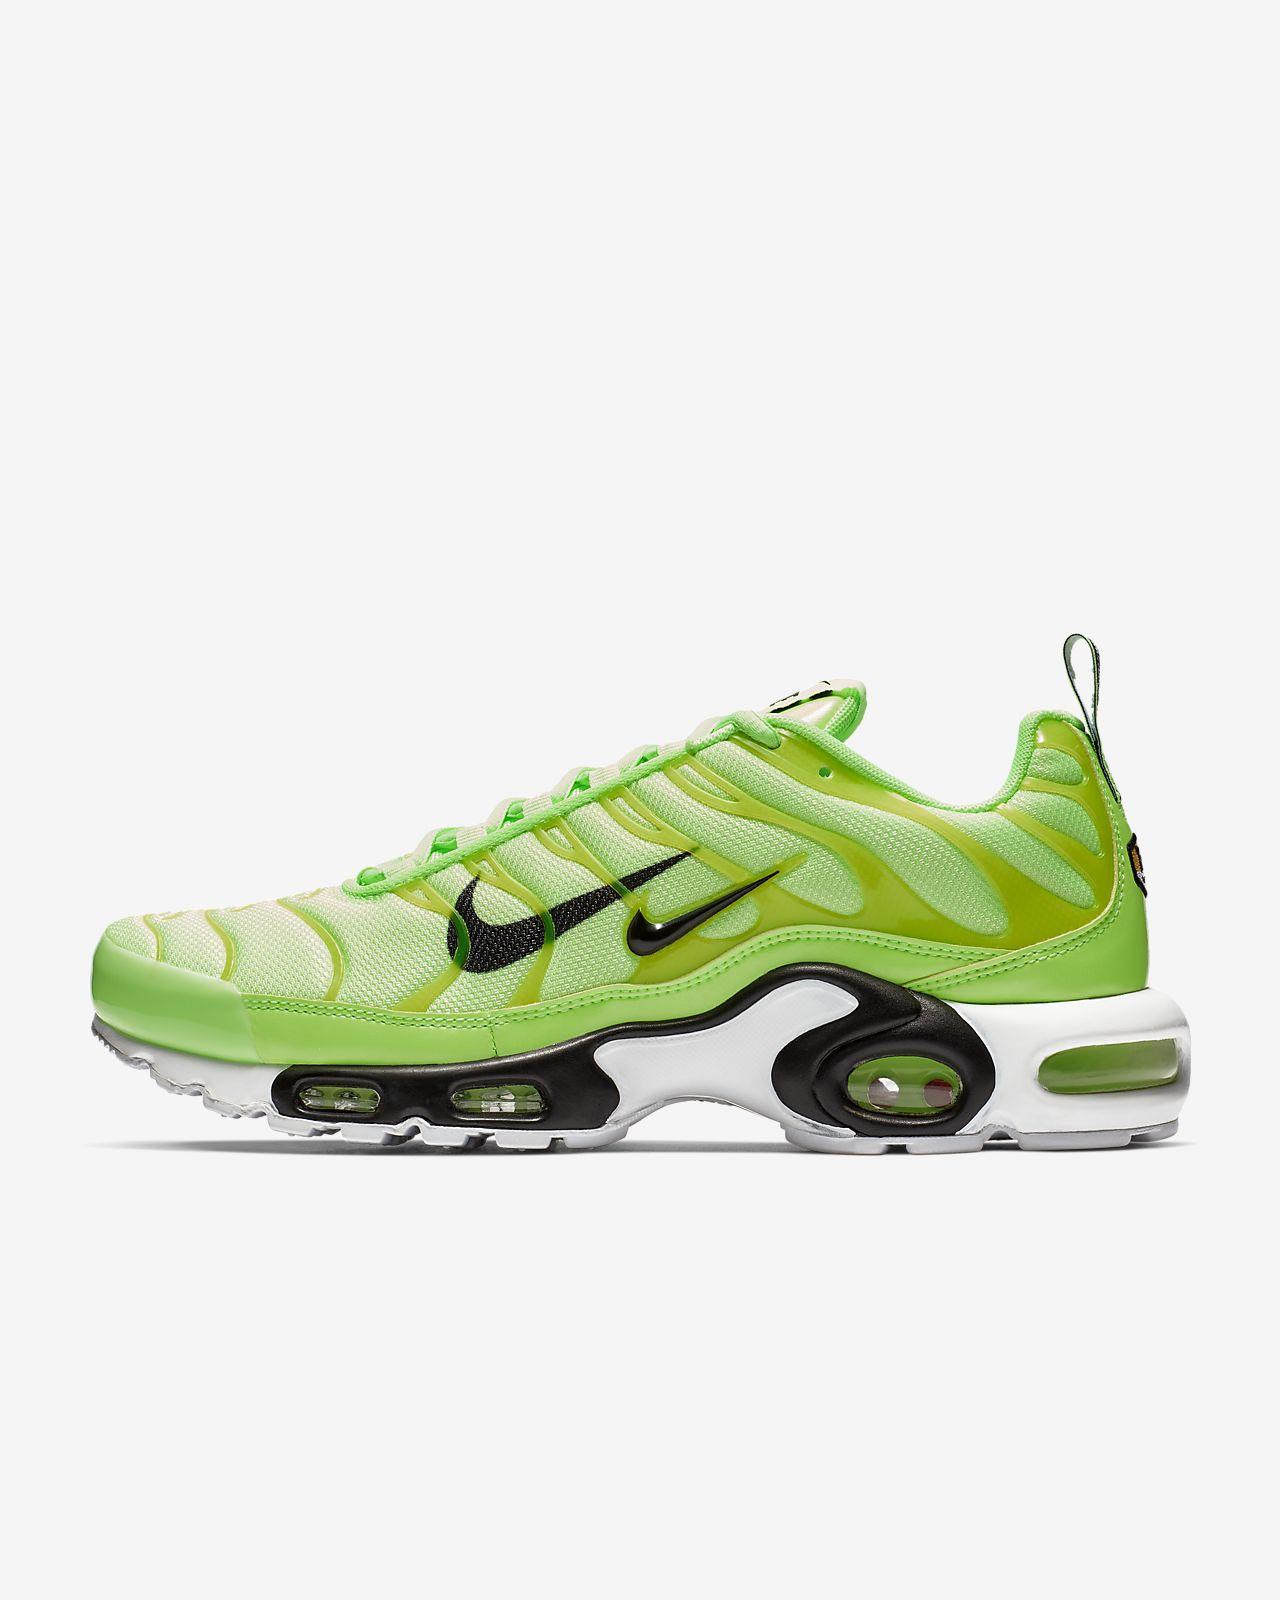 finest selection 66d55 aceb6 ... Nike Air Max Plus Premium Men s Shoe